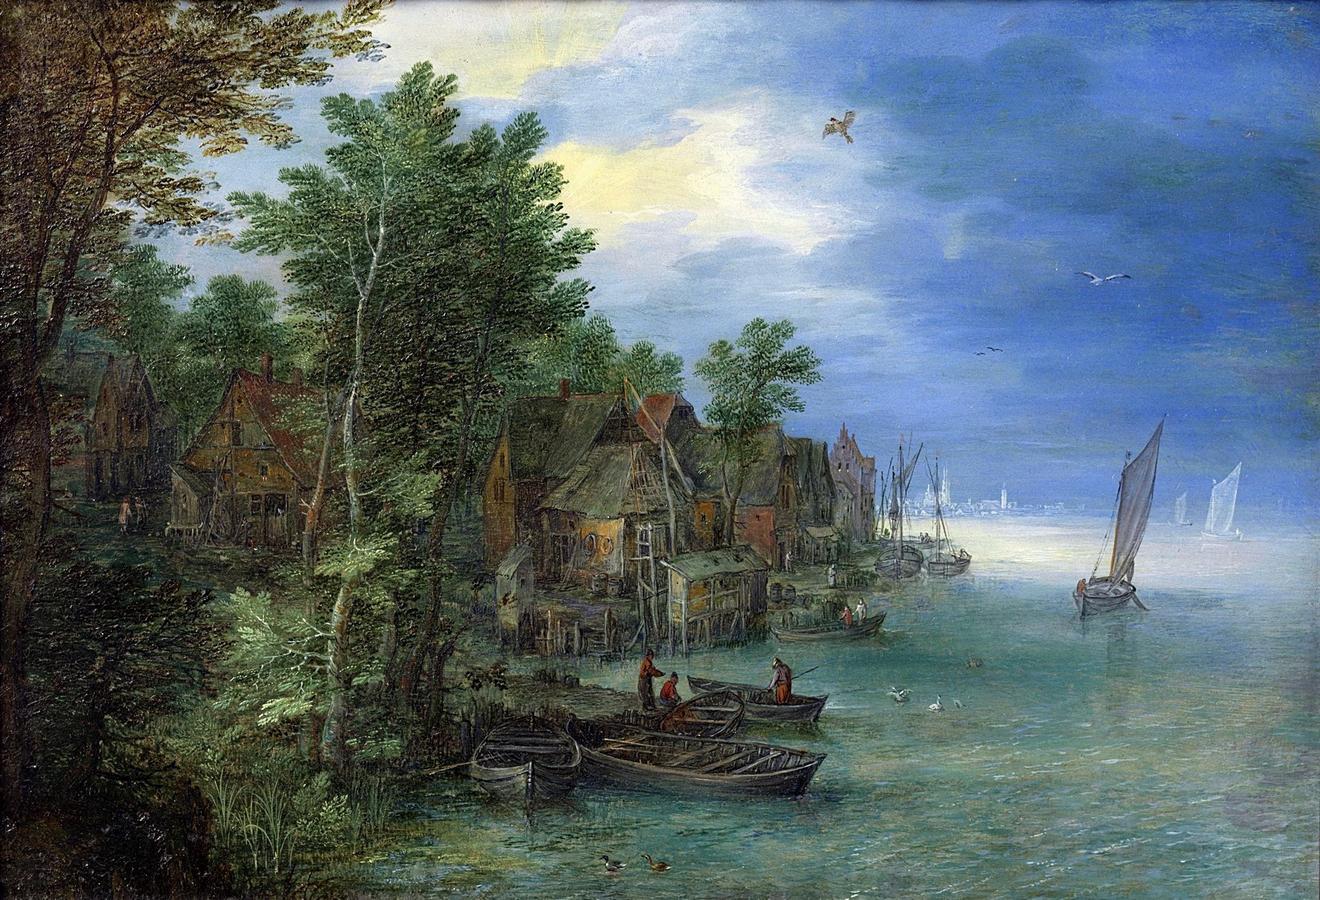 1384530917-derevnya-na-beregu-reki-1604-amsterdam-gosudarstvenniy-muzey-132-mb.jpg